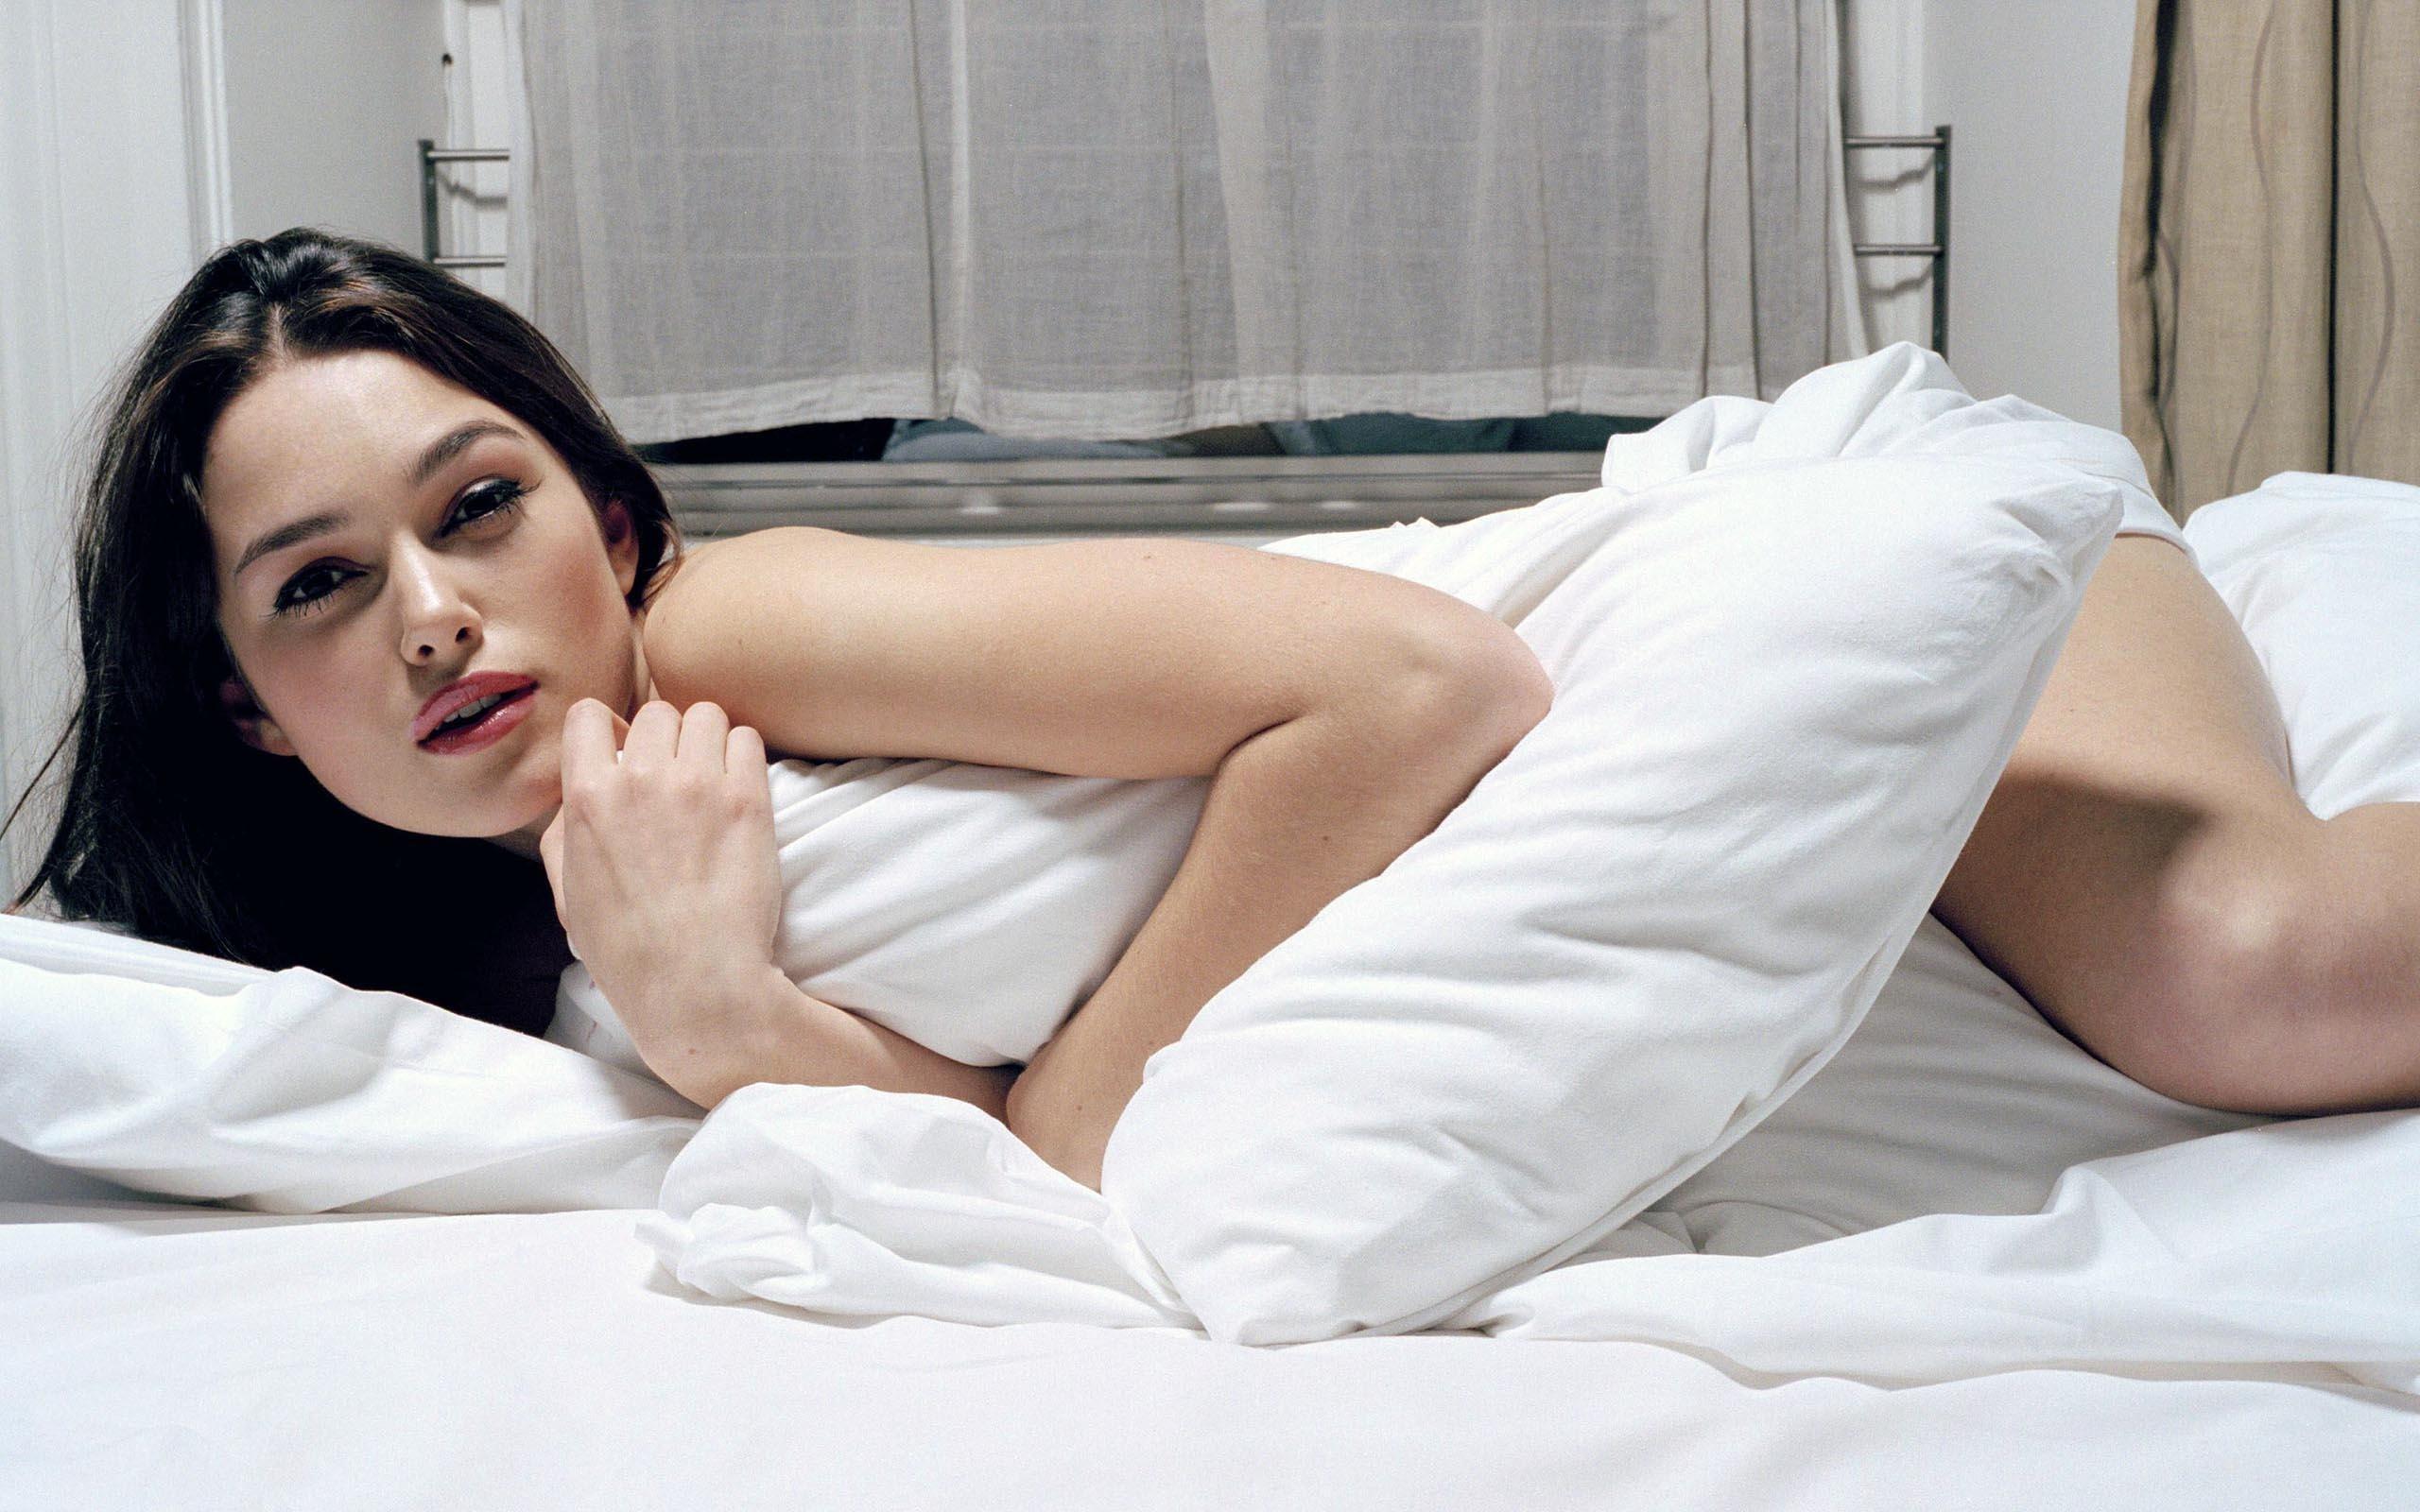 Секс картинка голые девочки 26 фотография